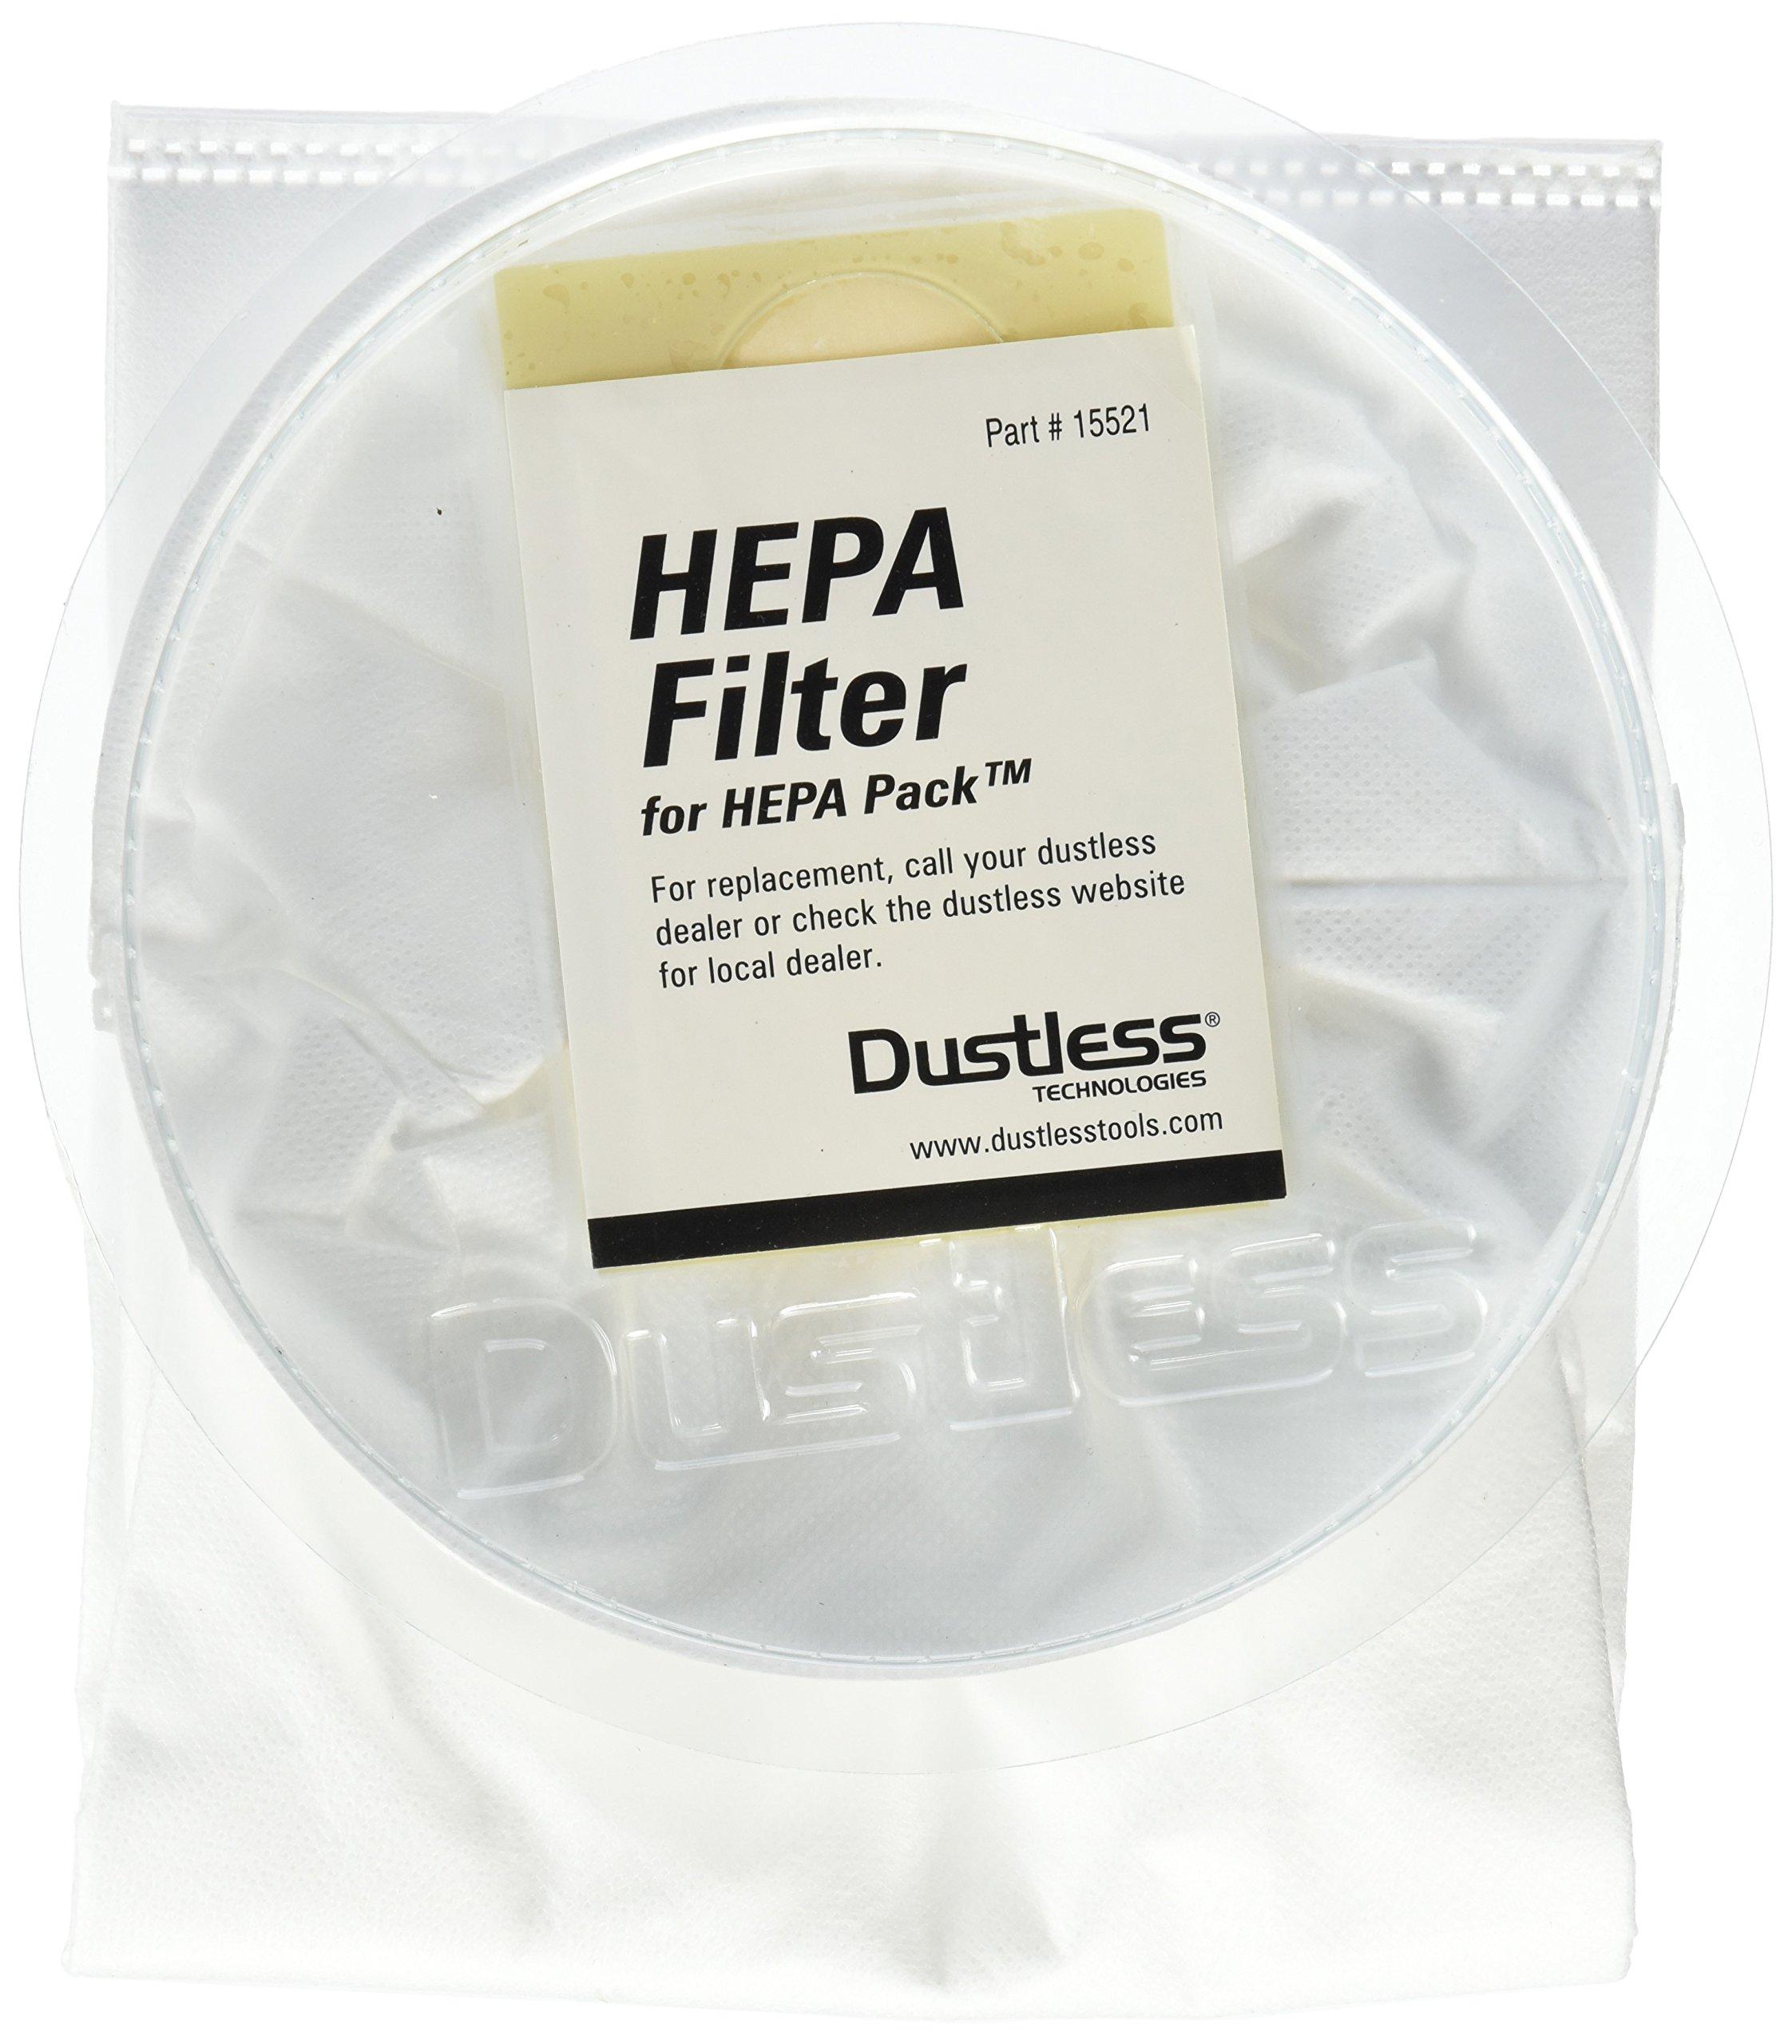 Dustless Technologies 15521 HEPA Filter for Dustless Backpack (Pack of 3), Small, White